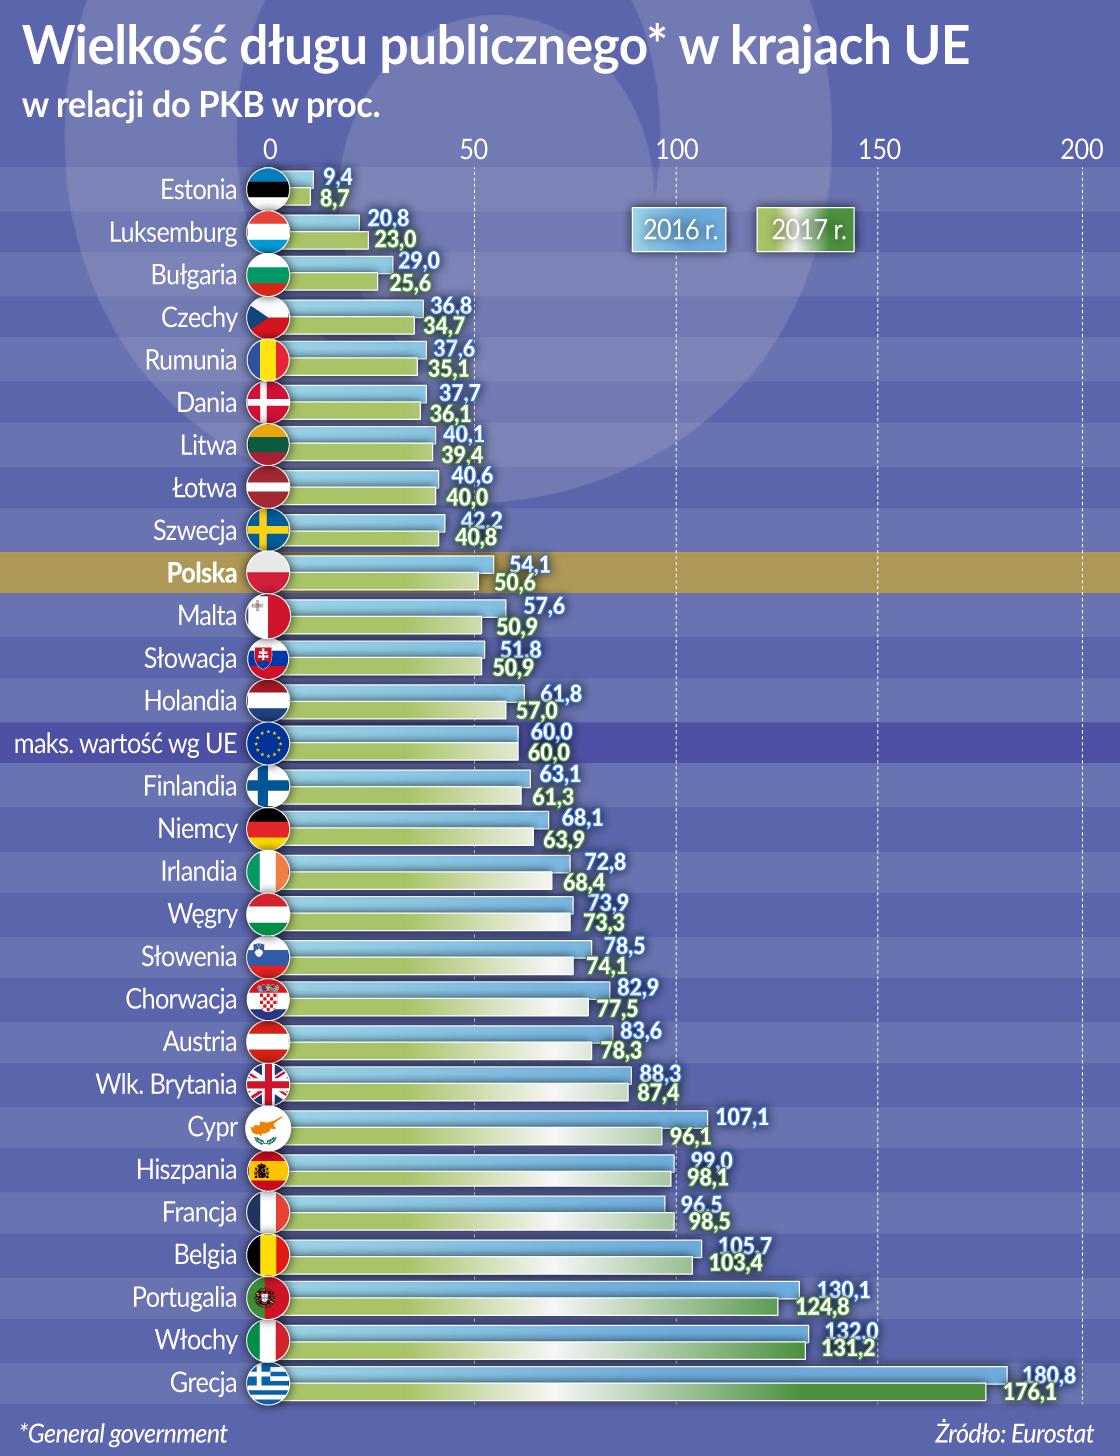 Dlug publiczny_kraje UE_wielkosc_oko